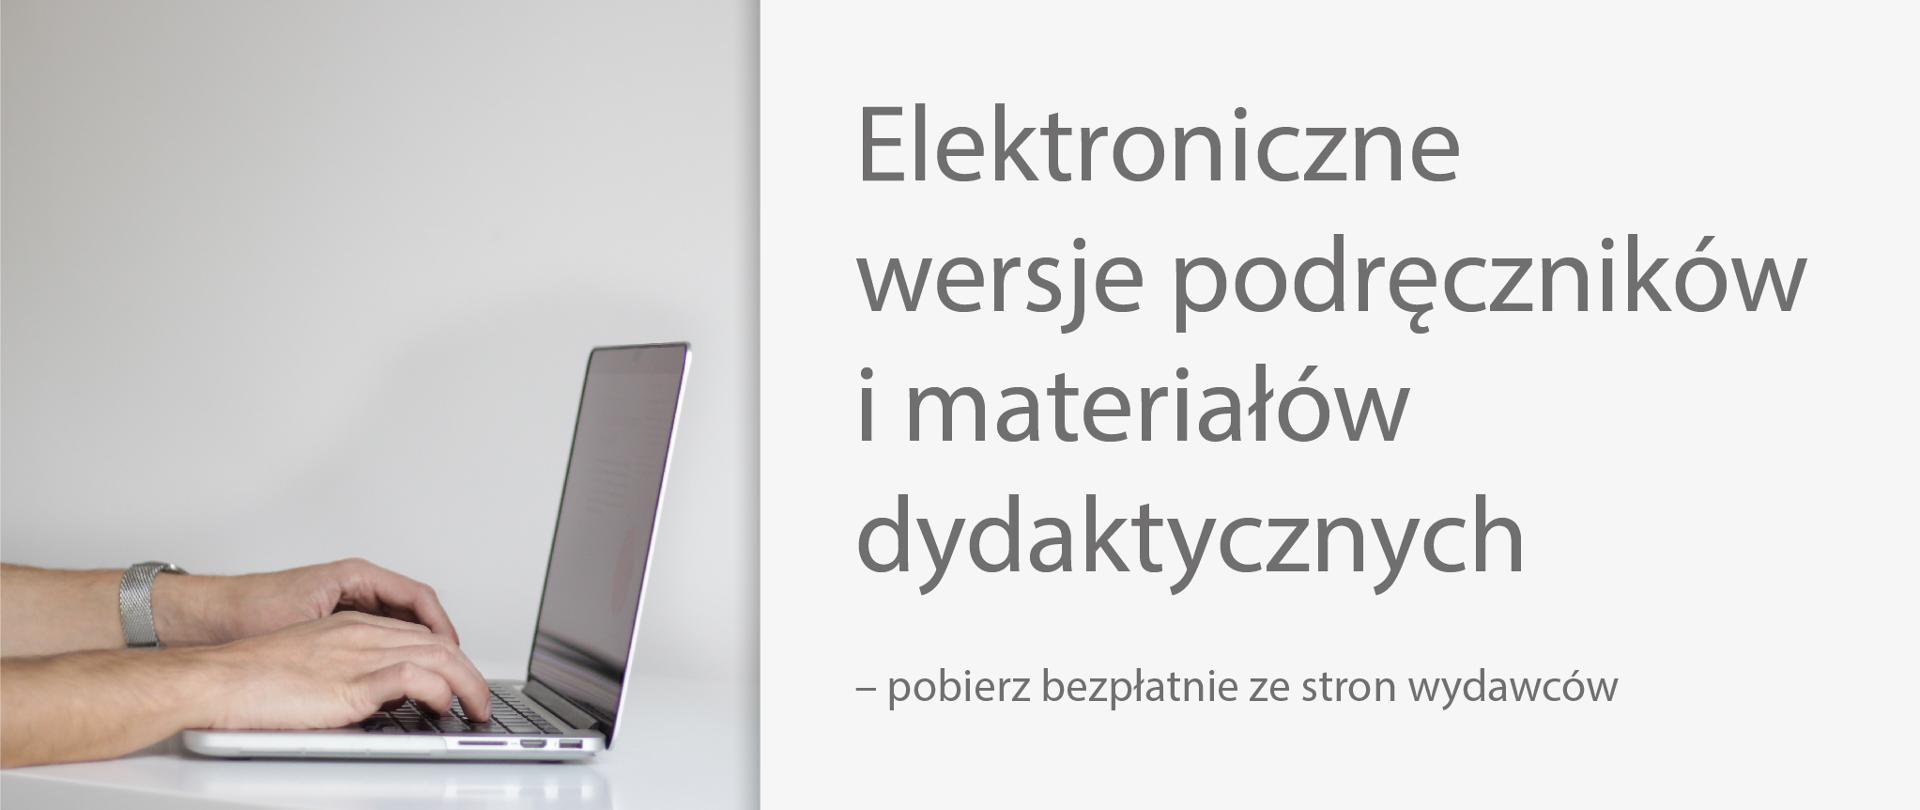 Po lewej stronie ręce i laptop na szarym tle. Po prawo tekst: Elektroniczne wersje podręczników i materiałów dydaktycznych – pobierz bezpłatnie ze stron wydawców